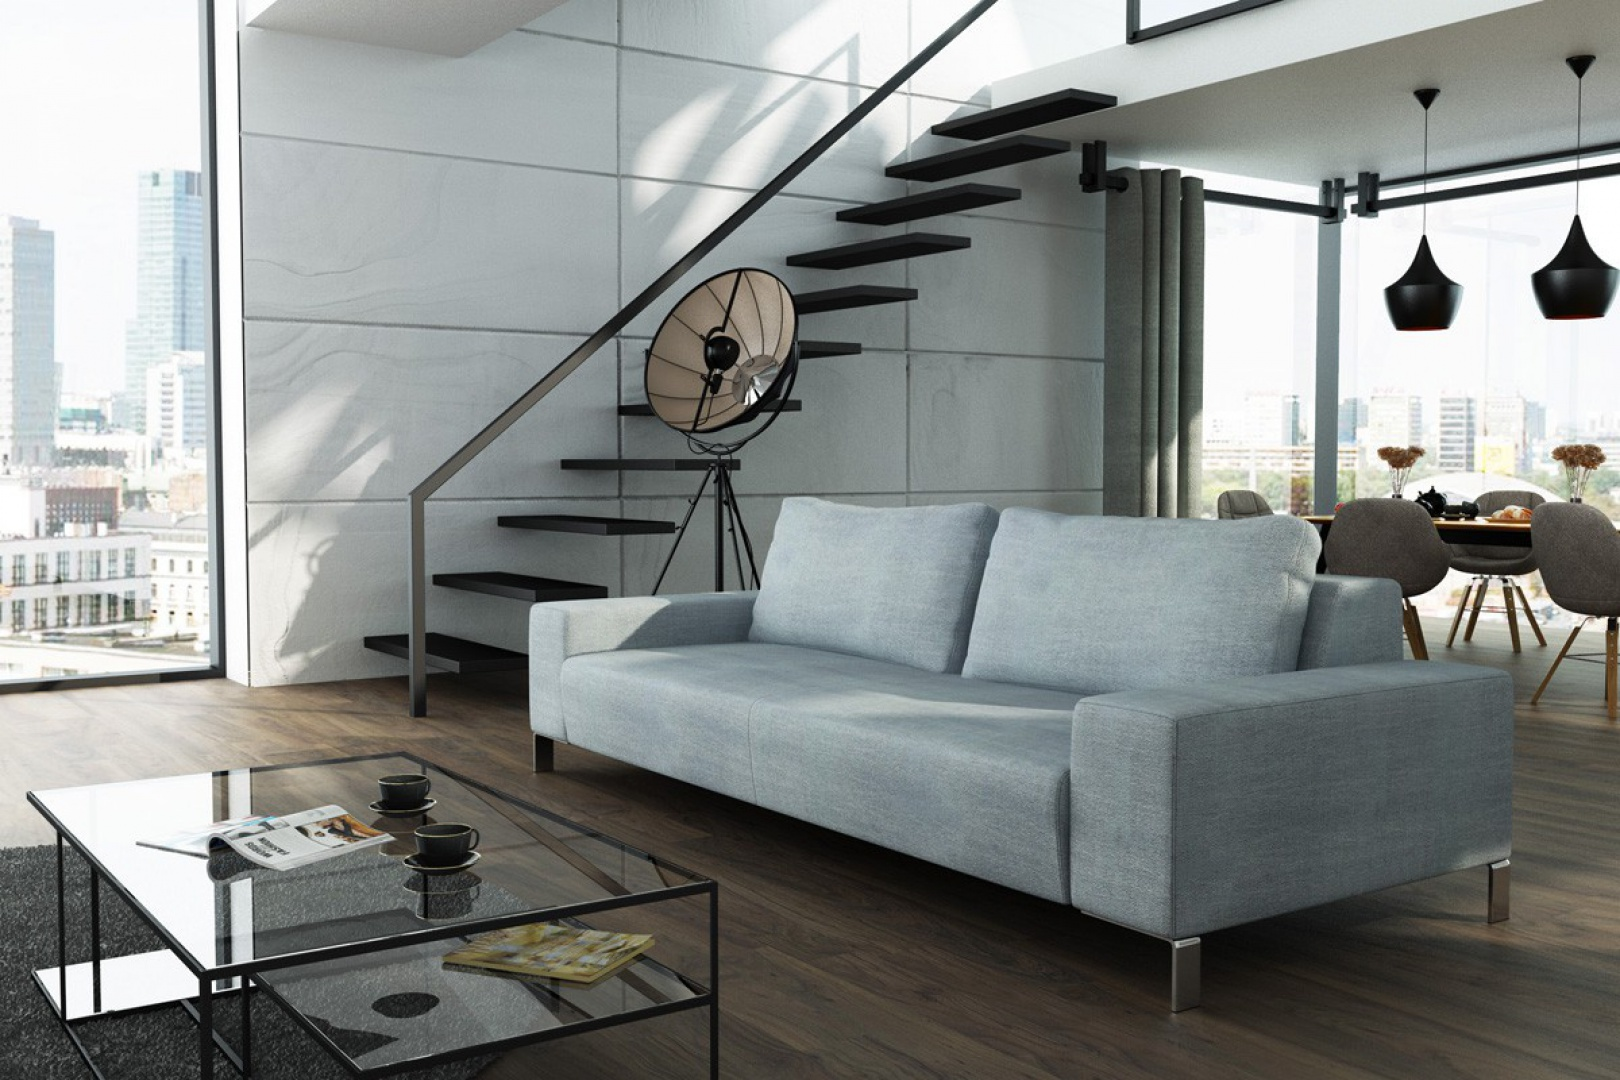 Sofa Le mans. Fot. Adriana Furniture